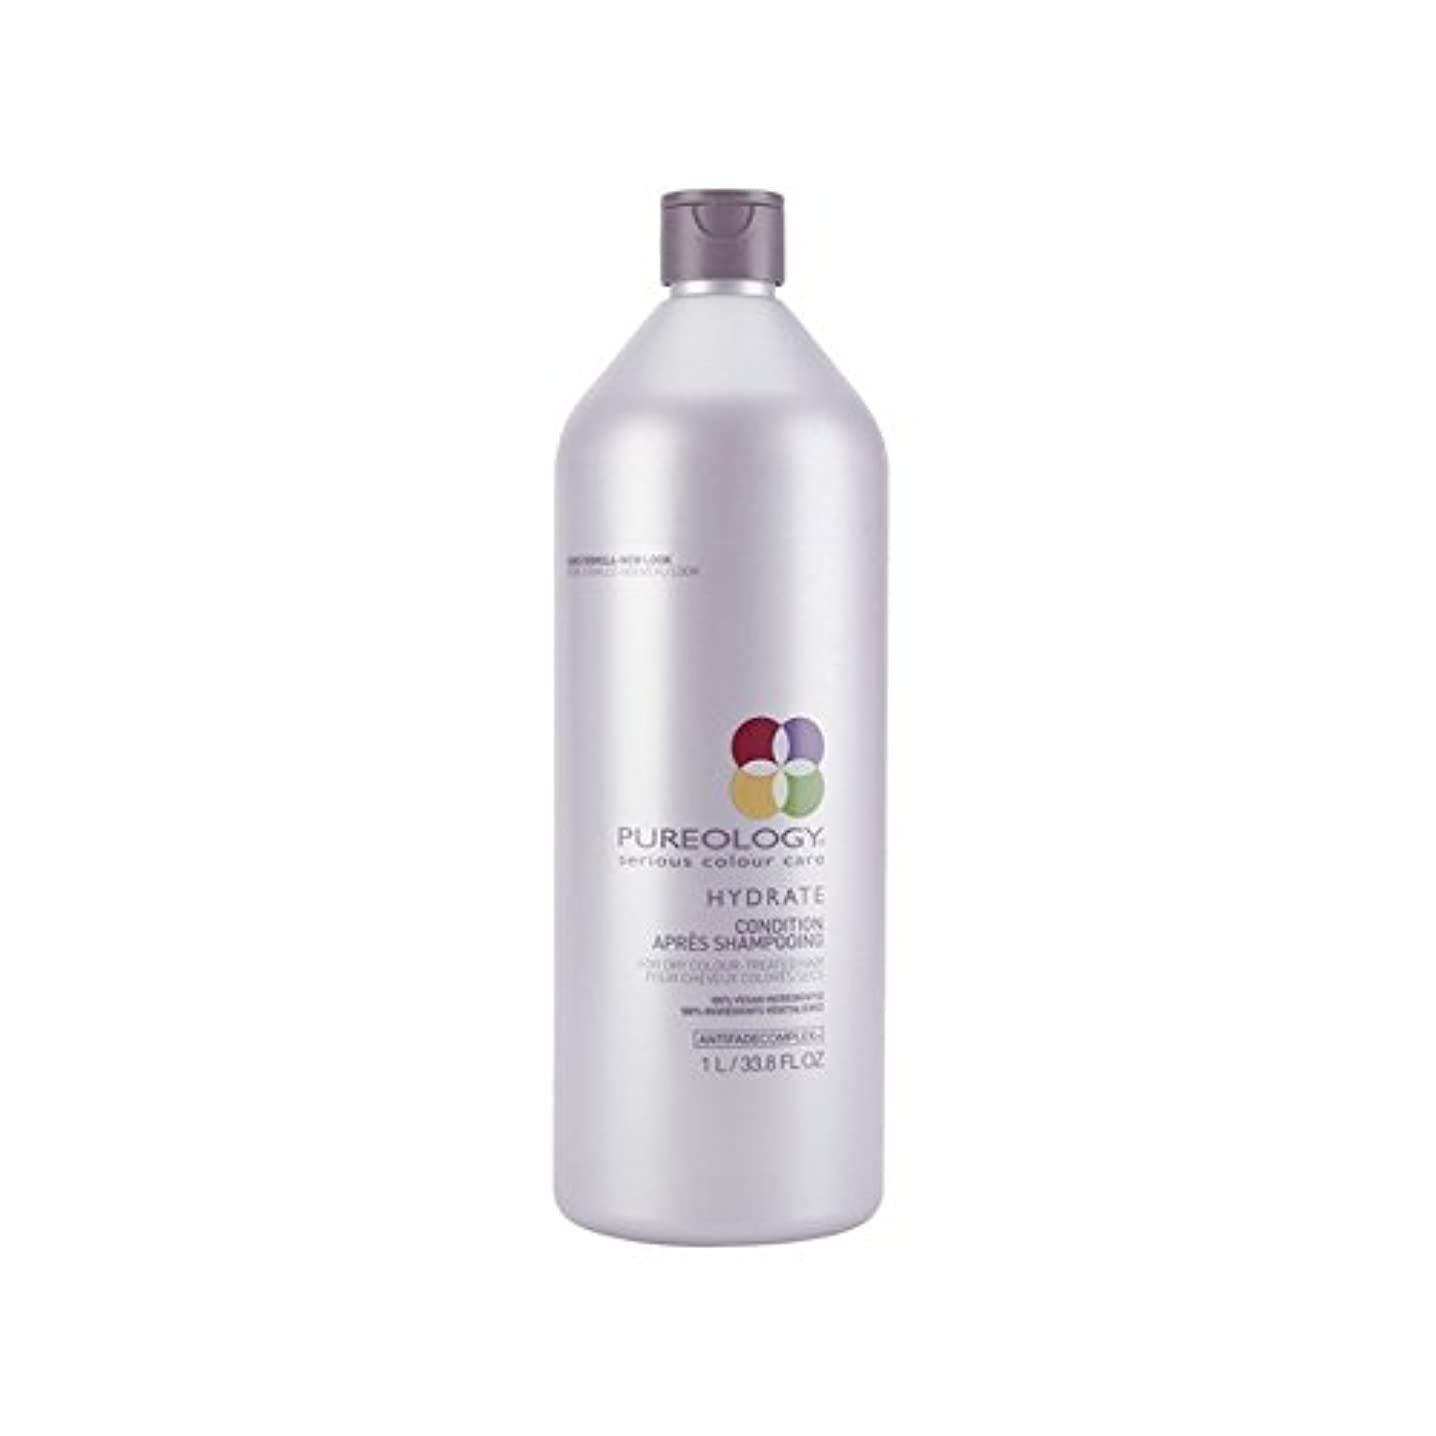 収穫アセンブリ女王Pureology Pure Hydrate Conditioner (1000ml) (Pack of 6) - 純粋な水和物コンディショナー(千ミリリットル) x6 [並行輸入品]